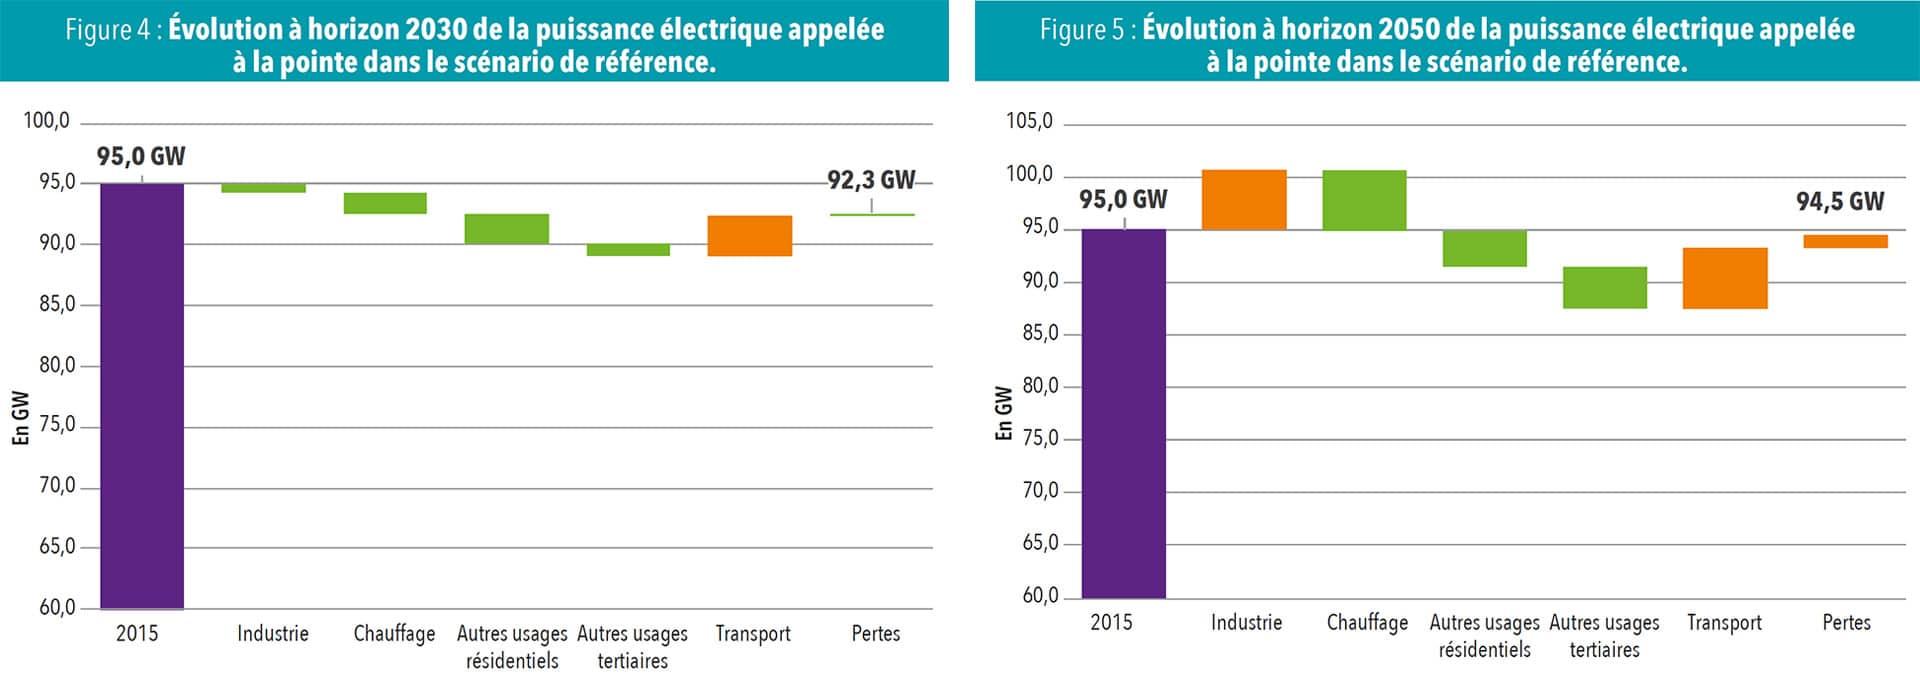 Évolution à horizon 2030/2050 de la puissance électrique appelée à la pointe dans le scénario de référence